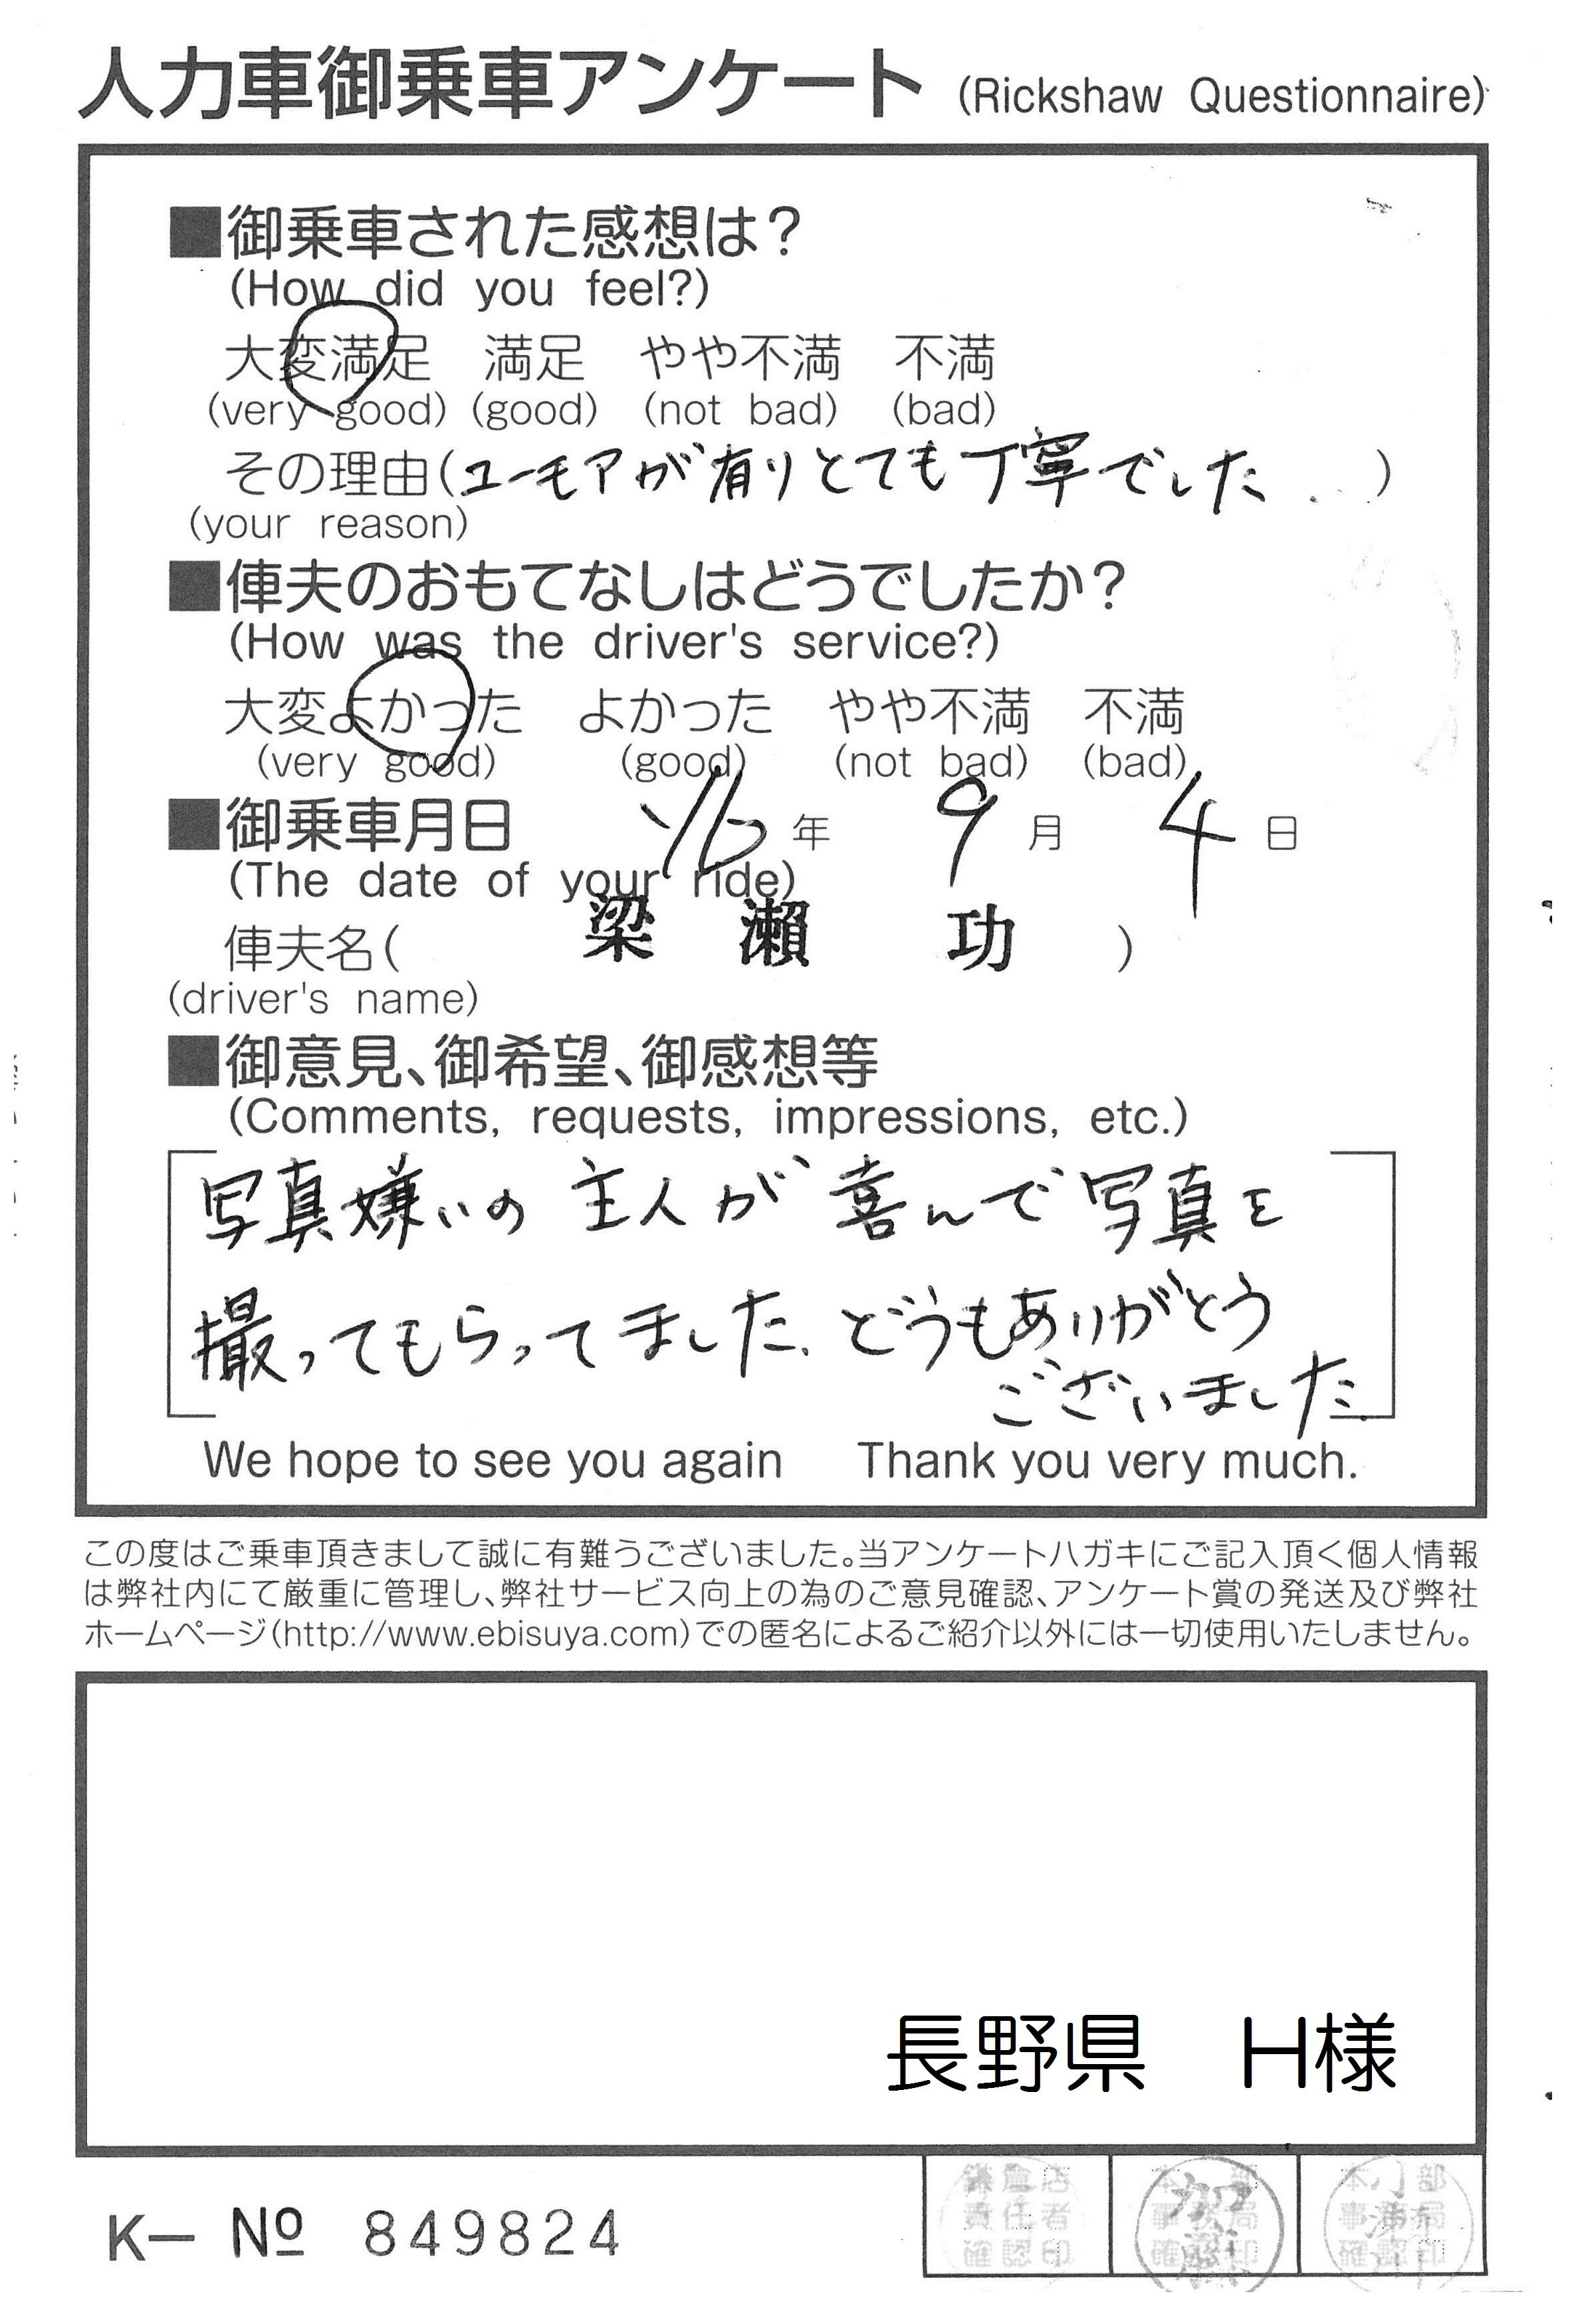 長野県 H様